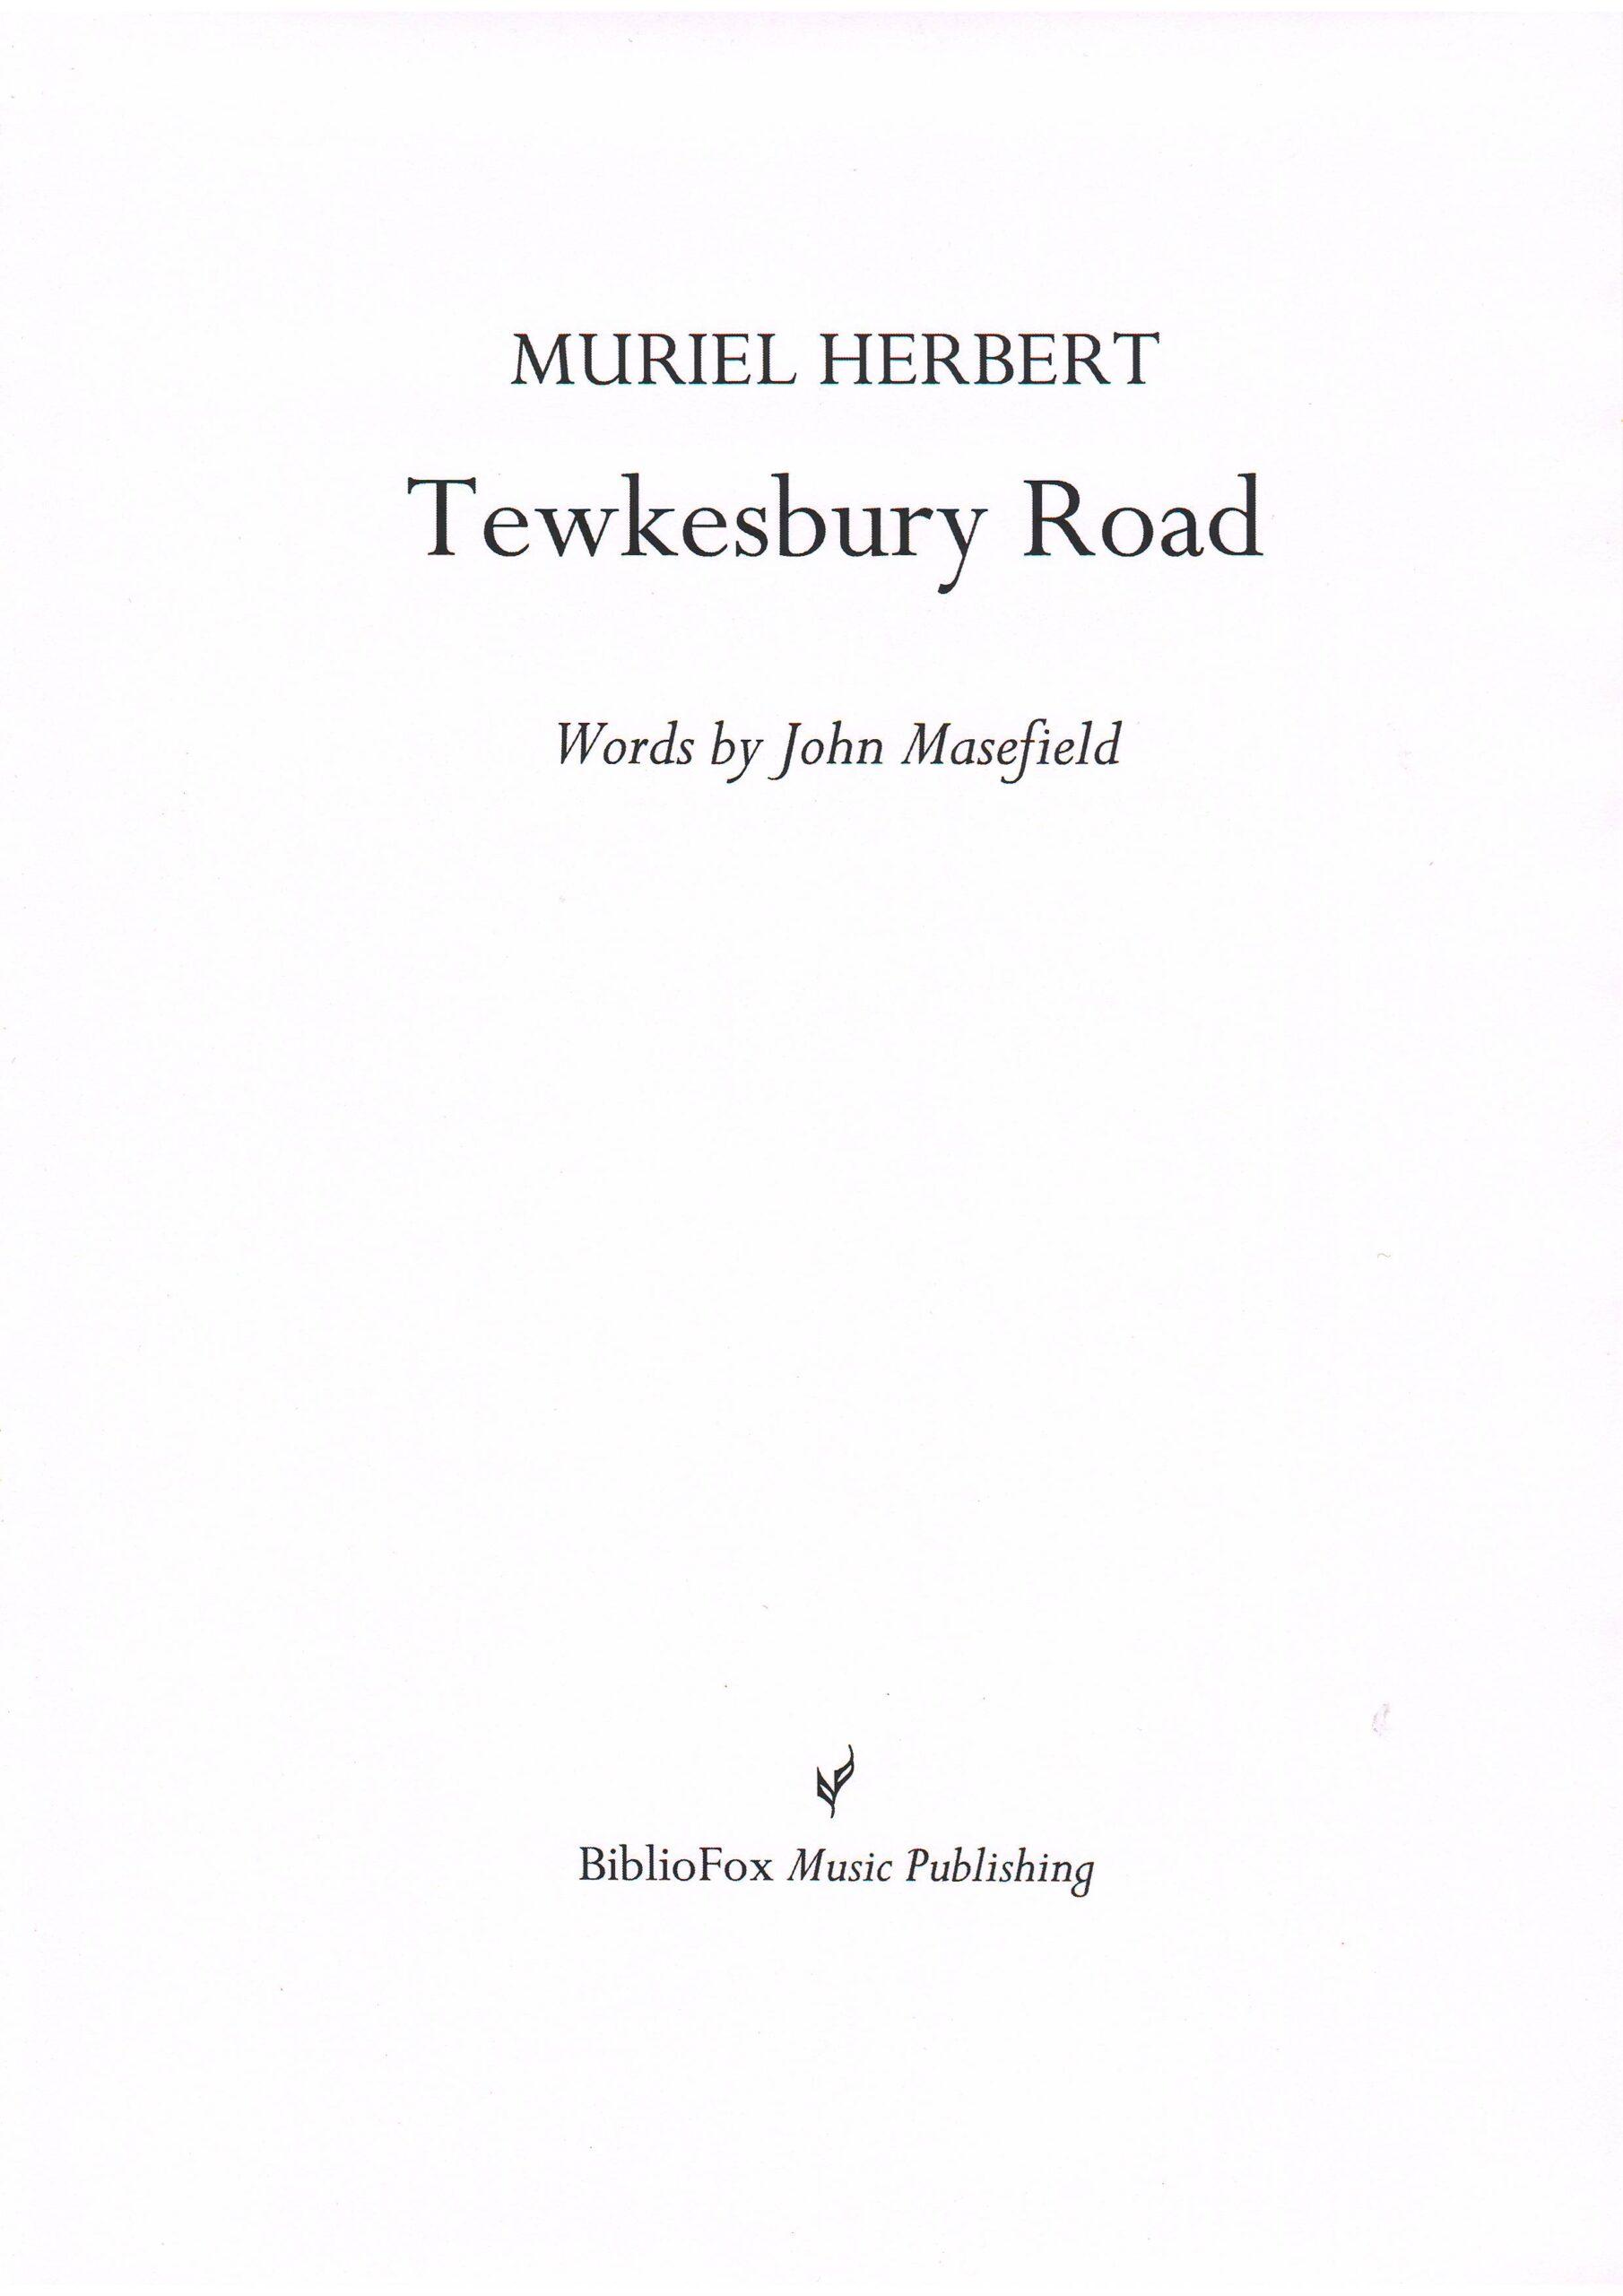 Cover page of Herbert Tewkesbury Road